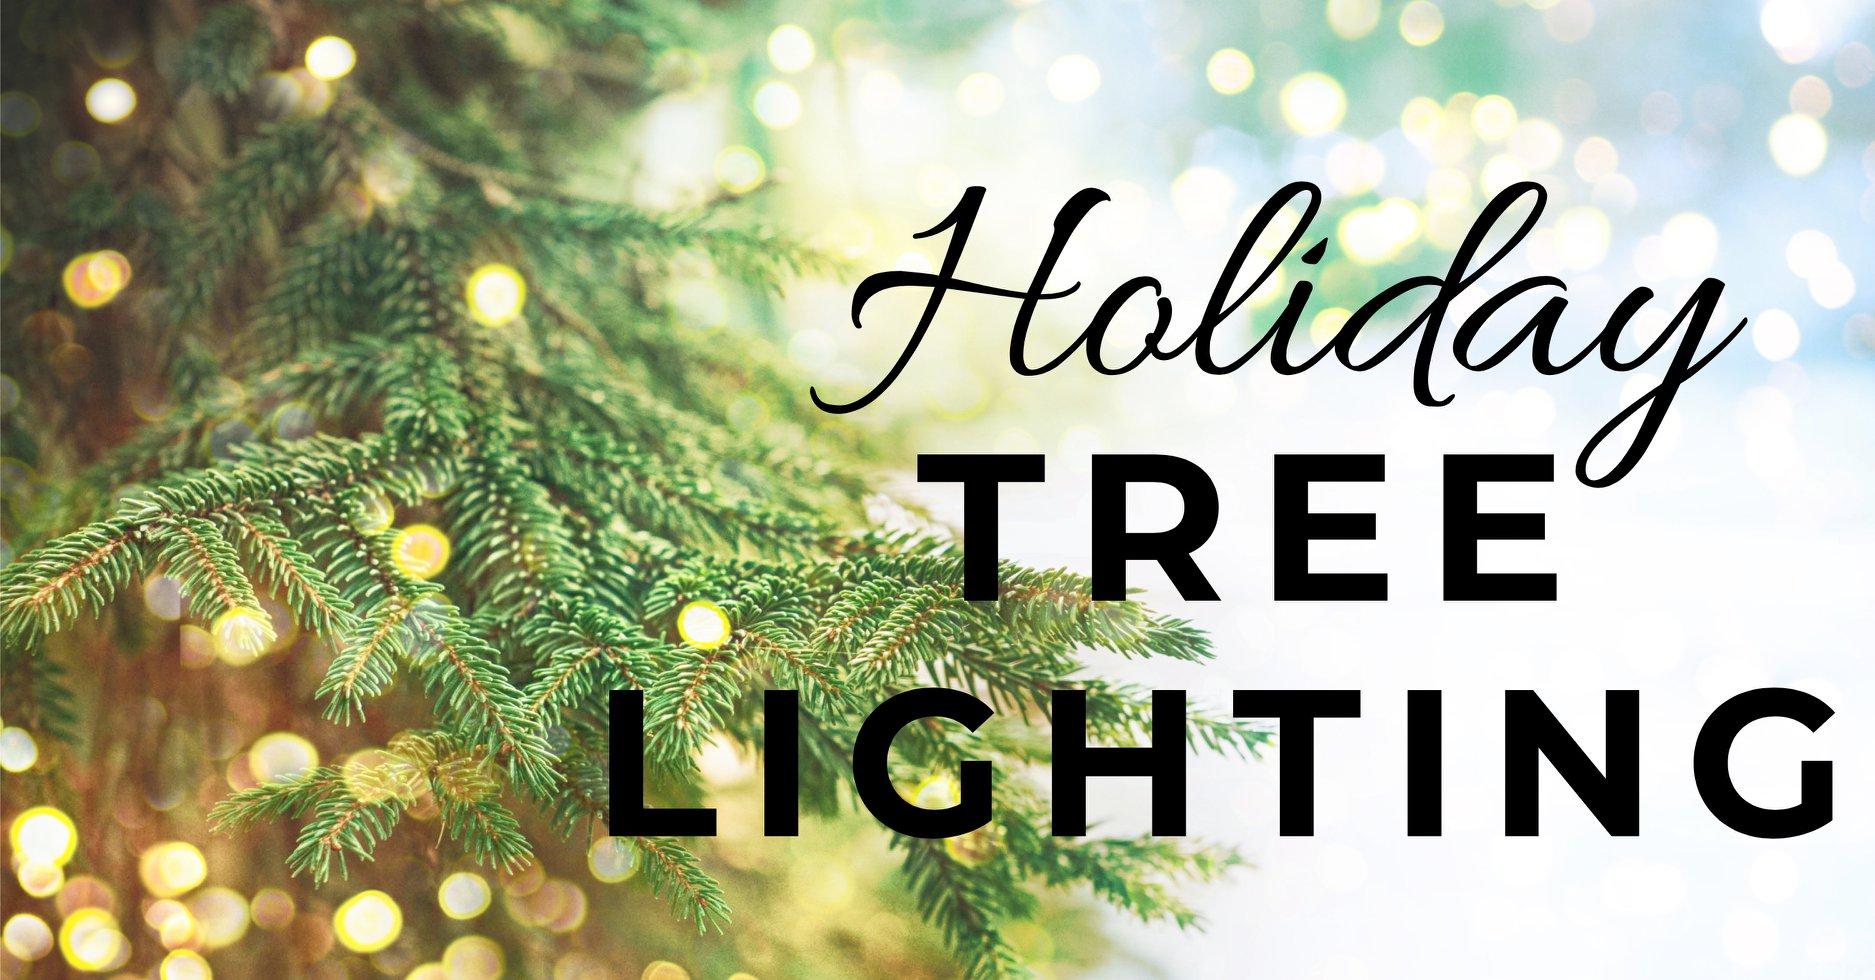 MWR Holiday Tree Lightning